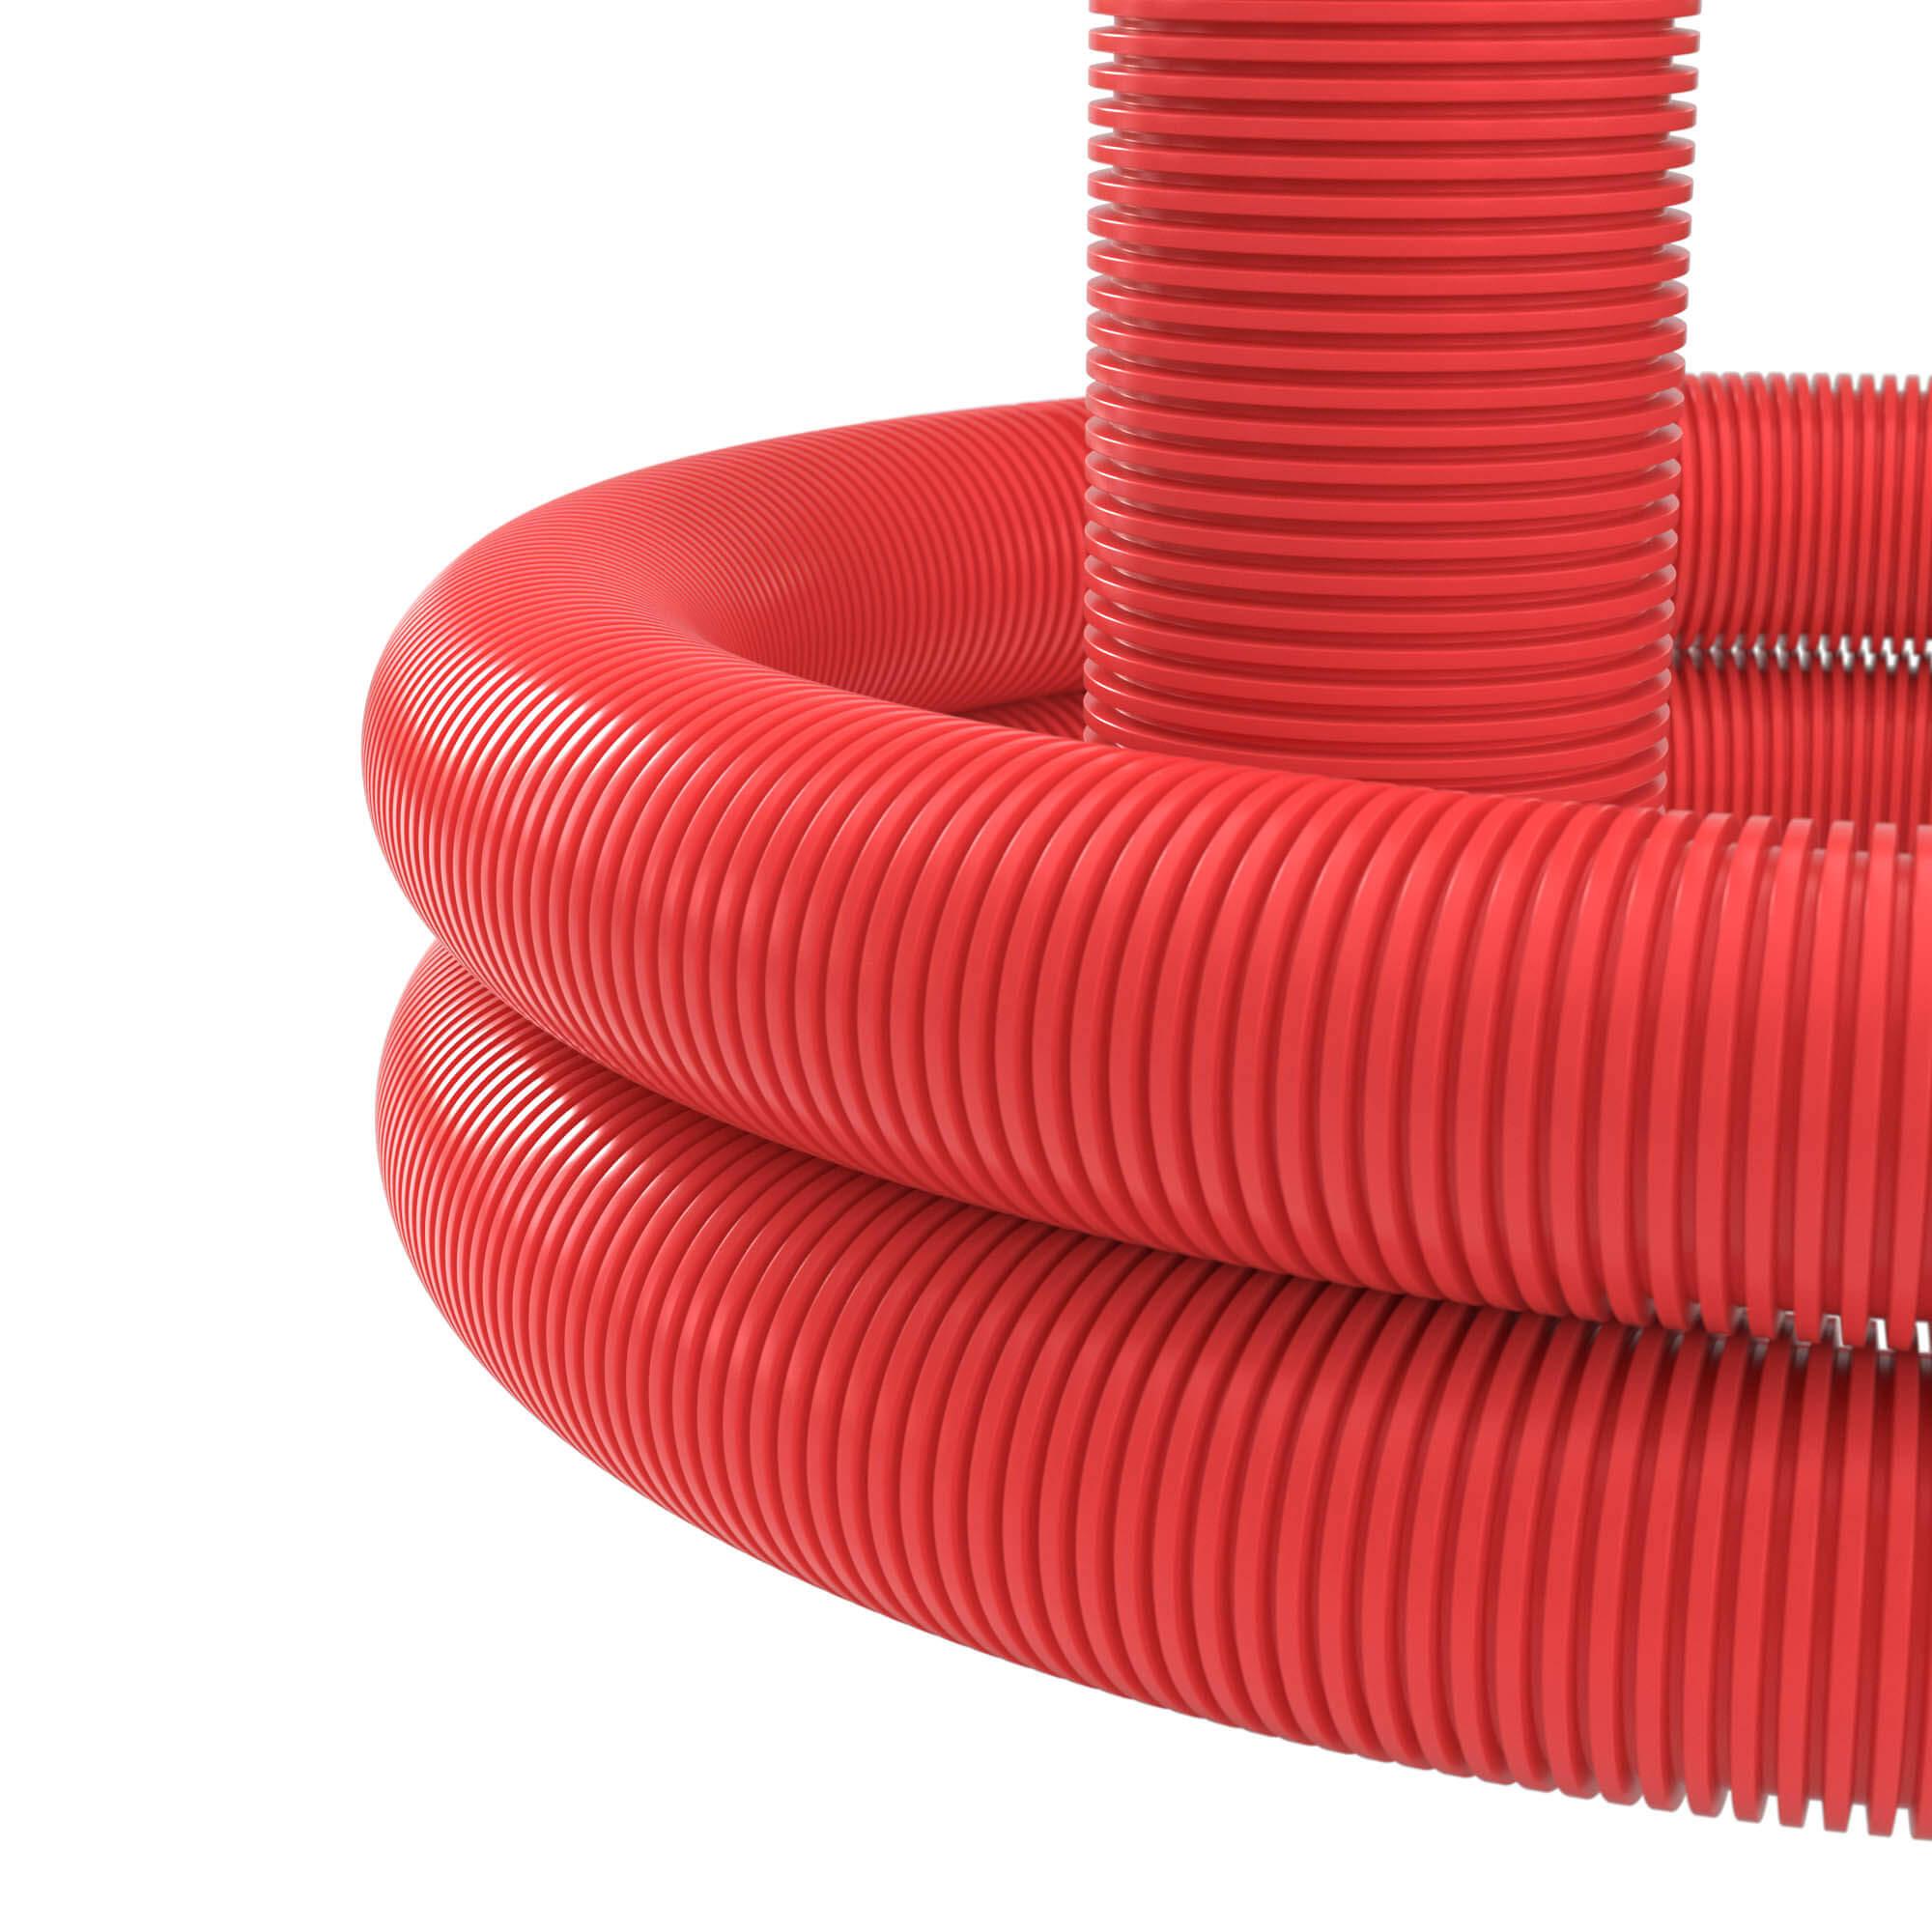 Двустенная труба ПНД гибкая для кабельной канализации d 63мм с протяжкой SN13 250Н красный